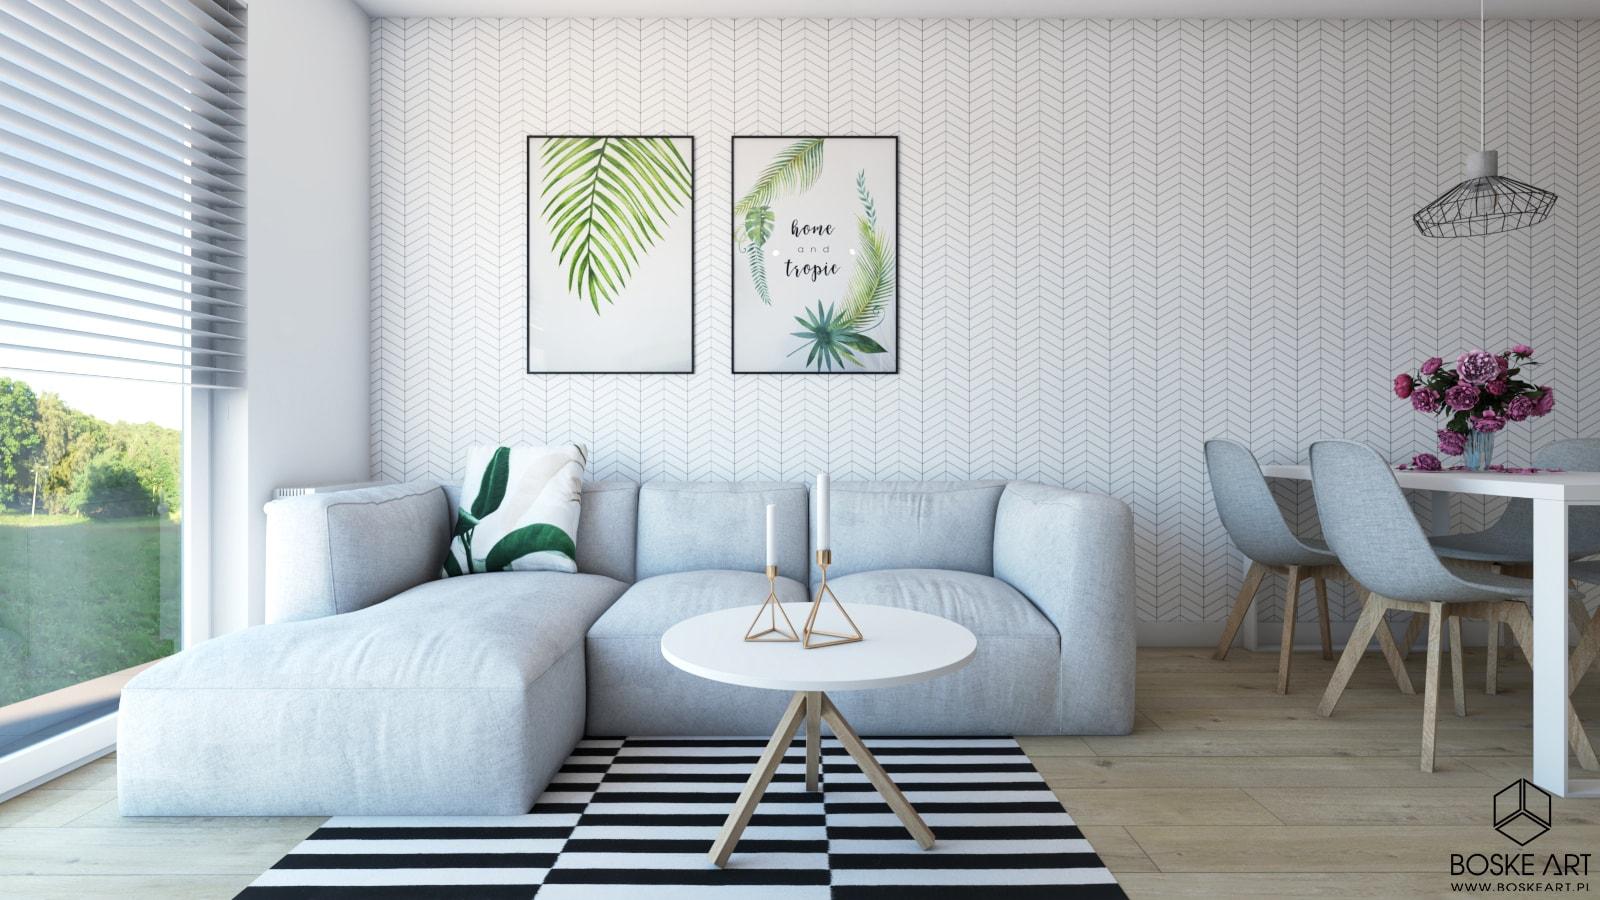 1_mieszkanie_gniezno_boske_art_projektowanie_wnetrz_architektura_natalia_robaszkiewicz-min